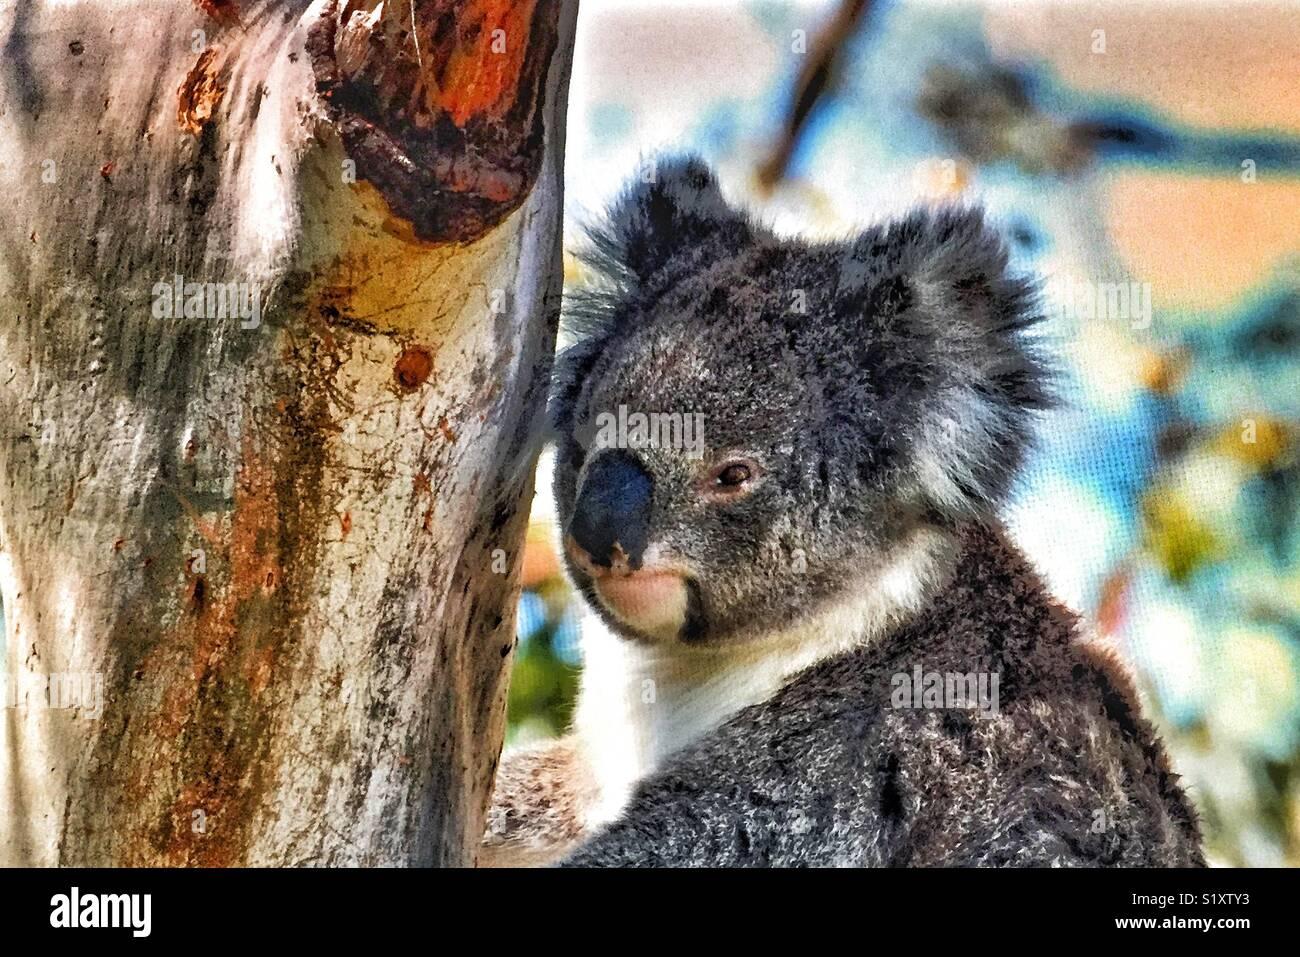 The koala is an arboreal herbivorous marsupial native to Australia. - Stock Image